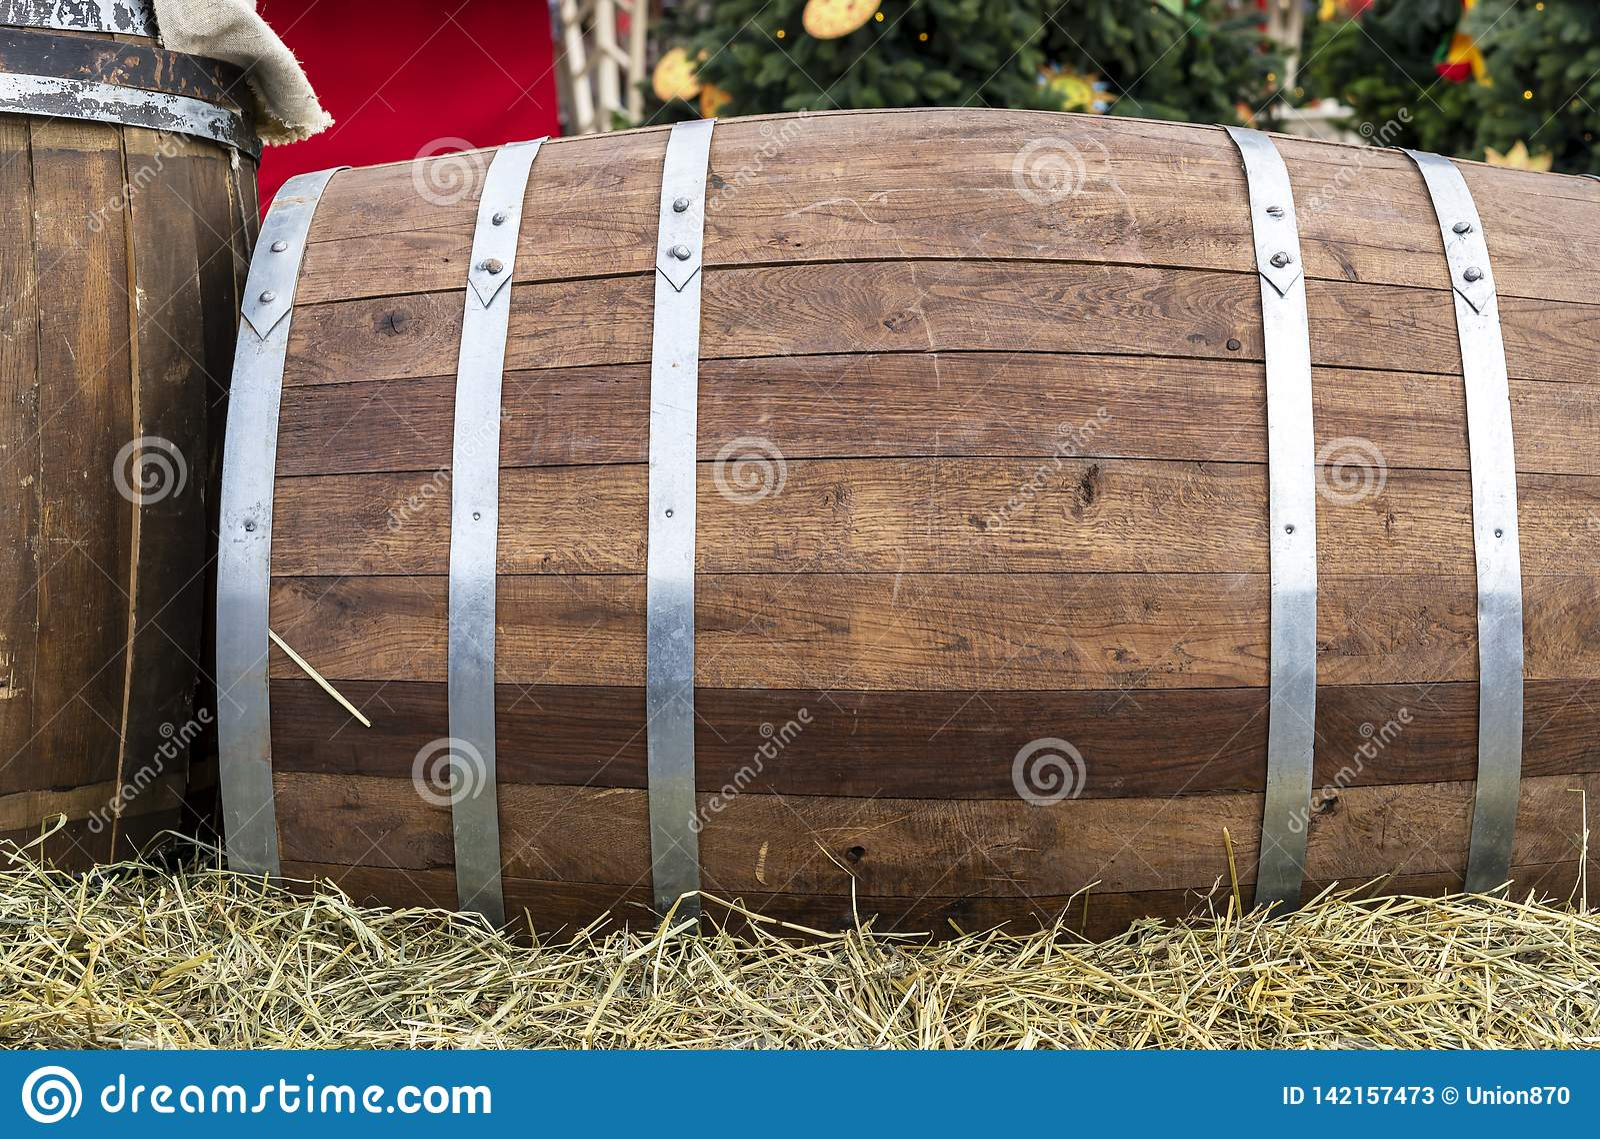 Wooden barrel with metal hoops. Oak barrel on straw